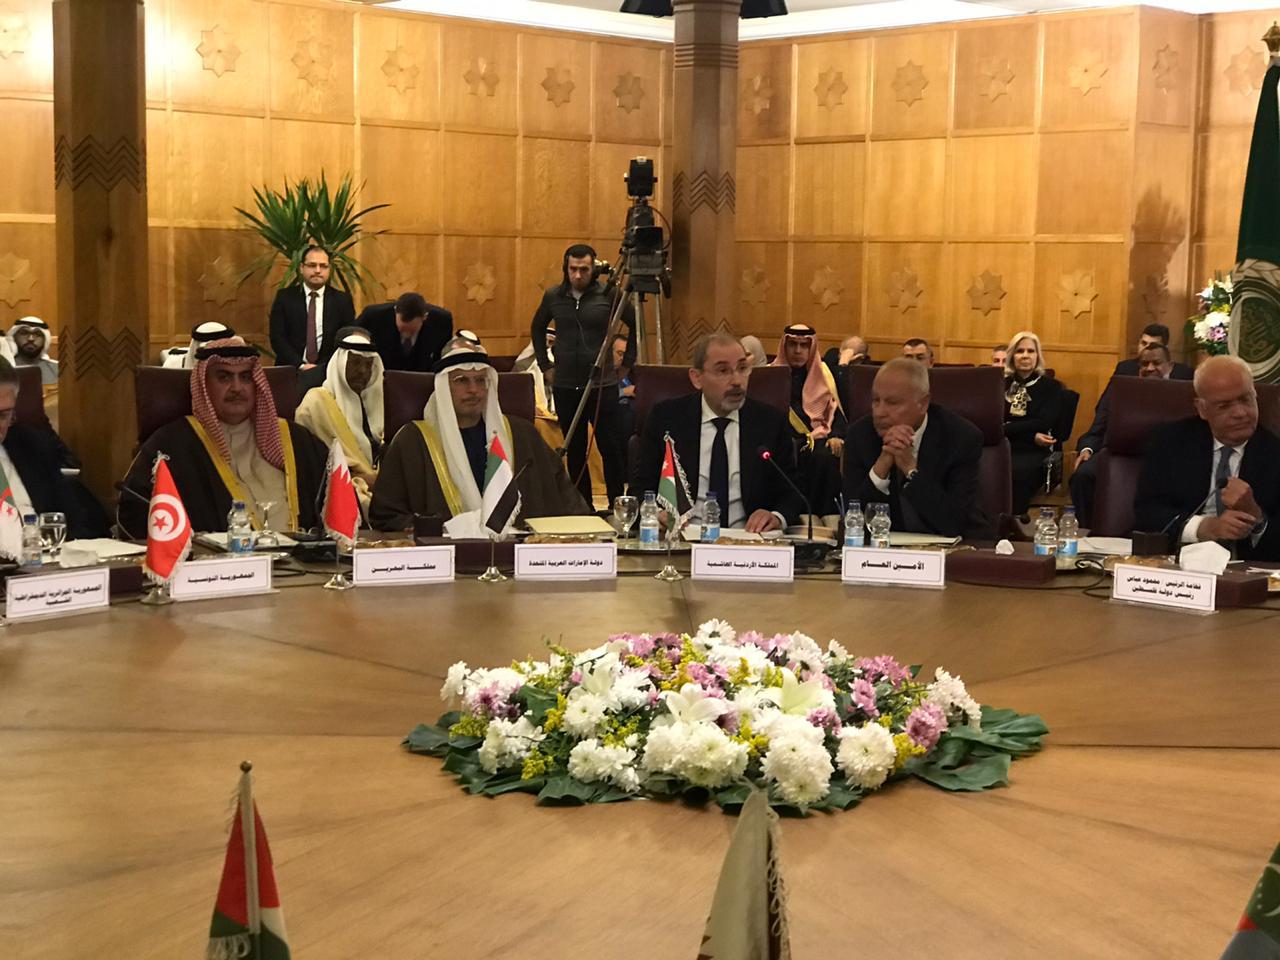 الصفدي خلال الاجتماع الوزاري في القاهرة بشان صفقة القرن